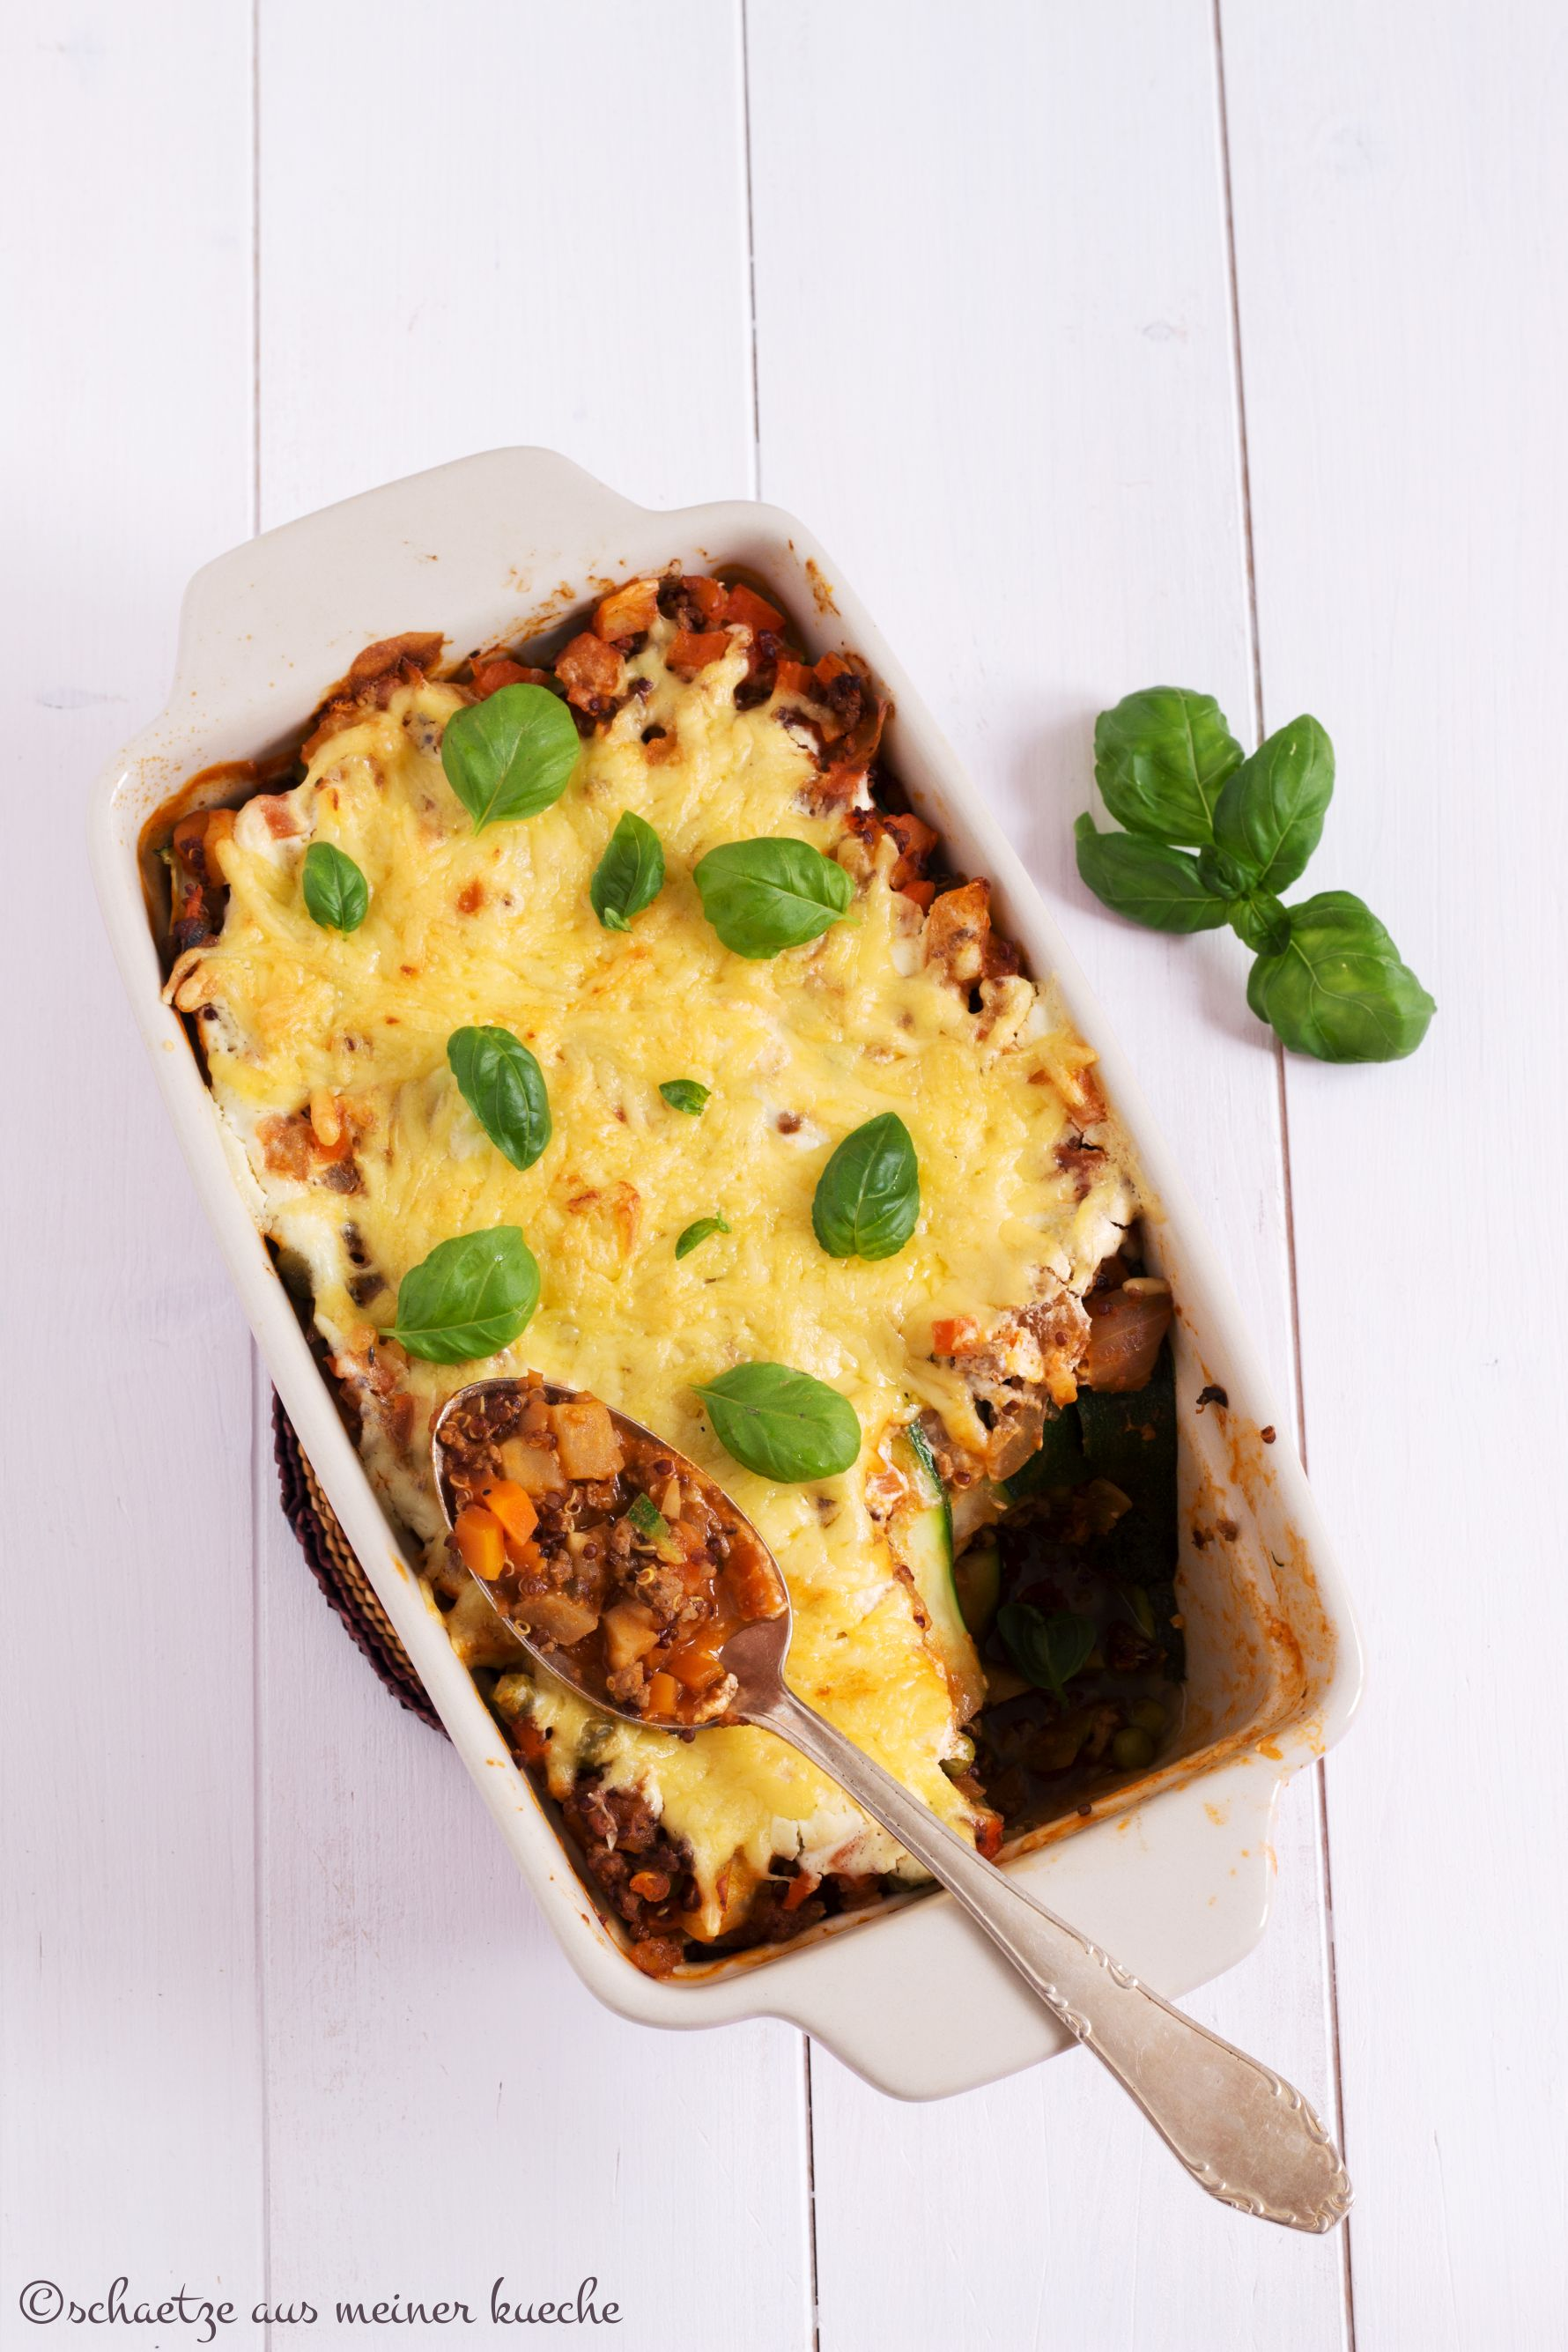 lasagne mit quinoa linsen sch tze aus meiner k che. Black Bedroom Furniture Sets. Home Design Ideas